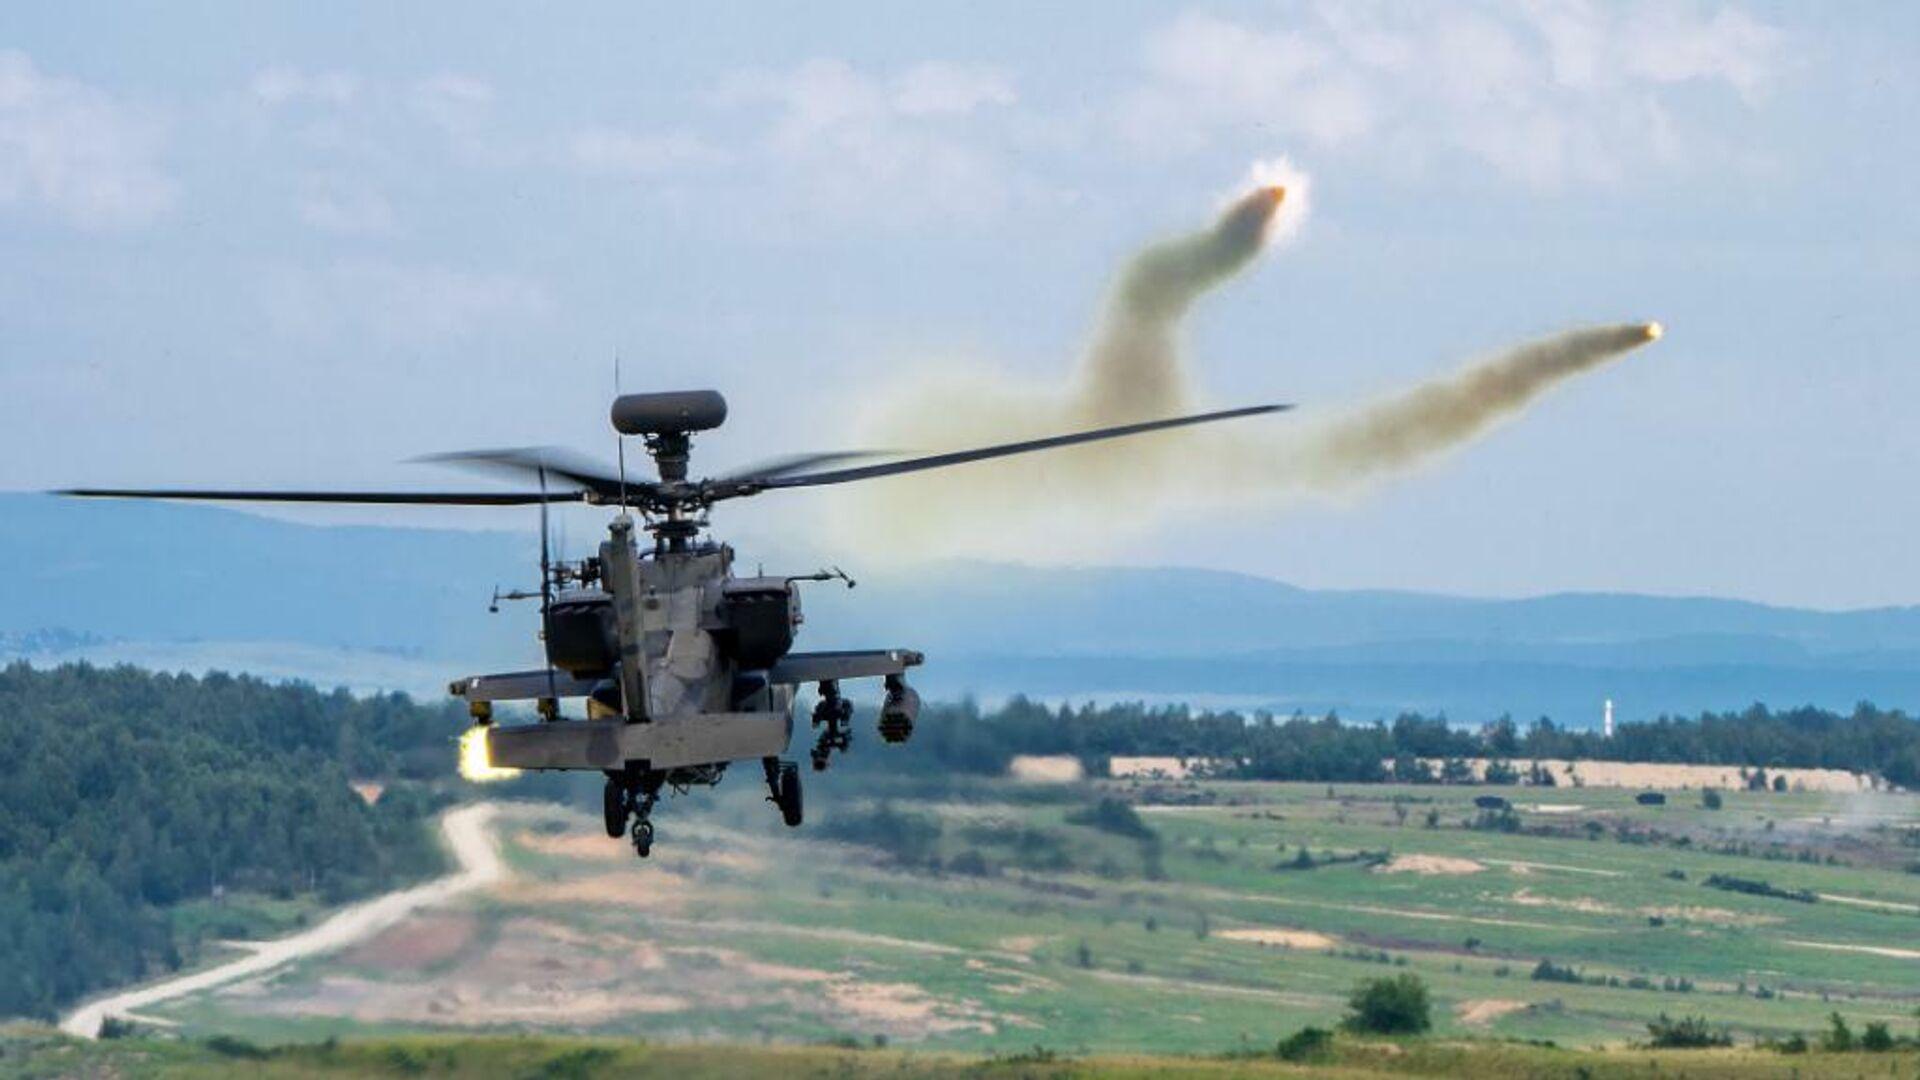 Американский ударный вертолет CAB AH-64 Apache во время учений в Германии - РИА Новости, 1920, 15.09.2020